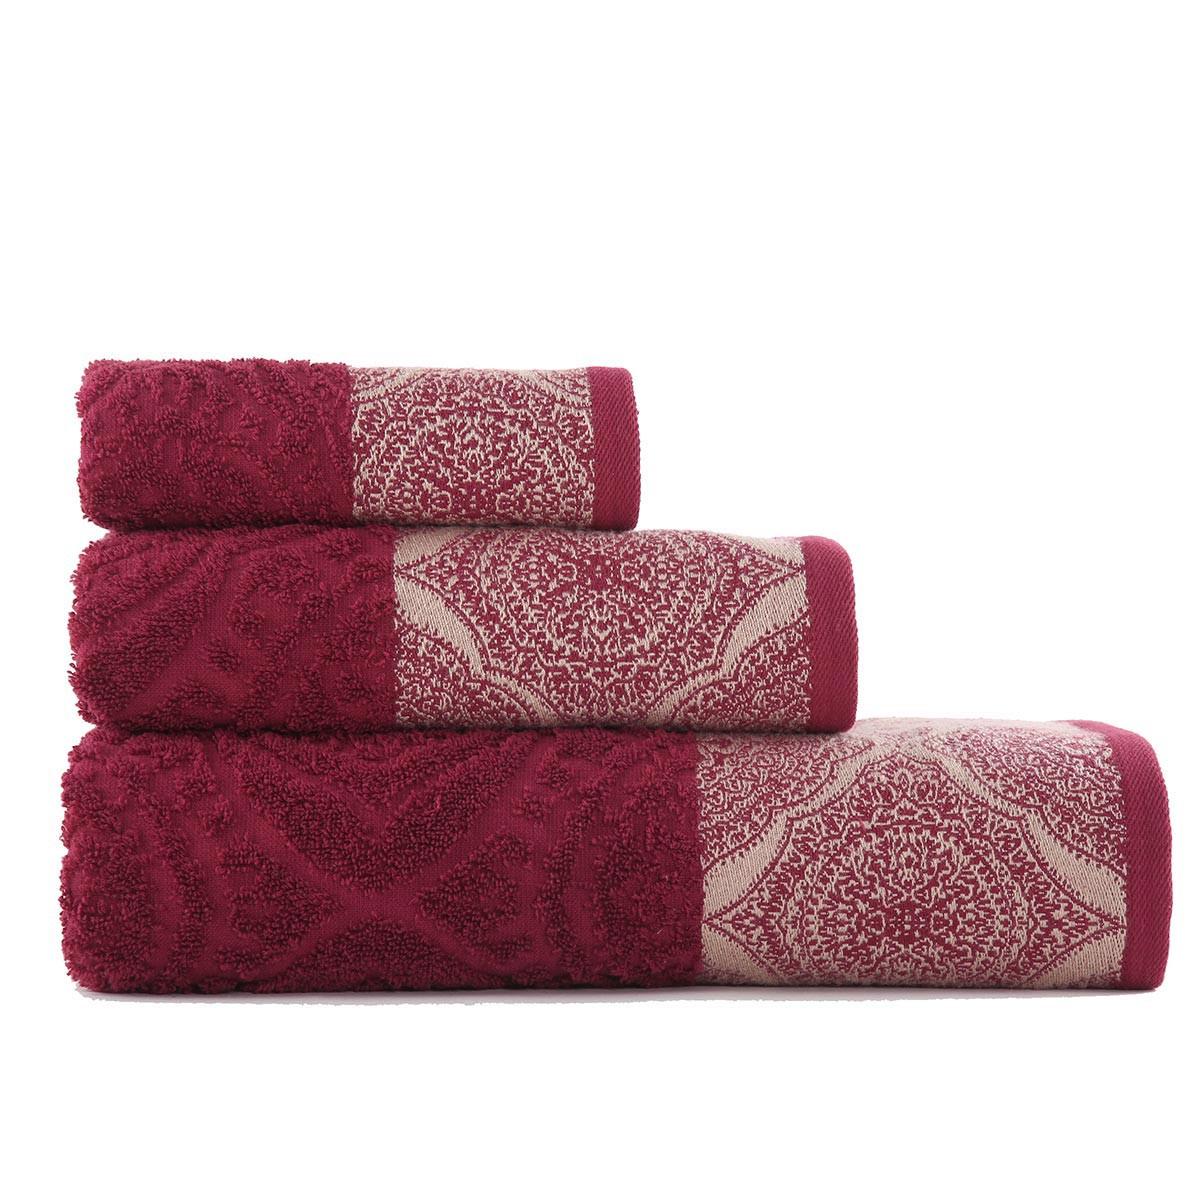 Πετσέτες Μπάνιου (Σετ 3τμχ) Nef-Nef Ava Bordo